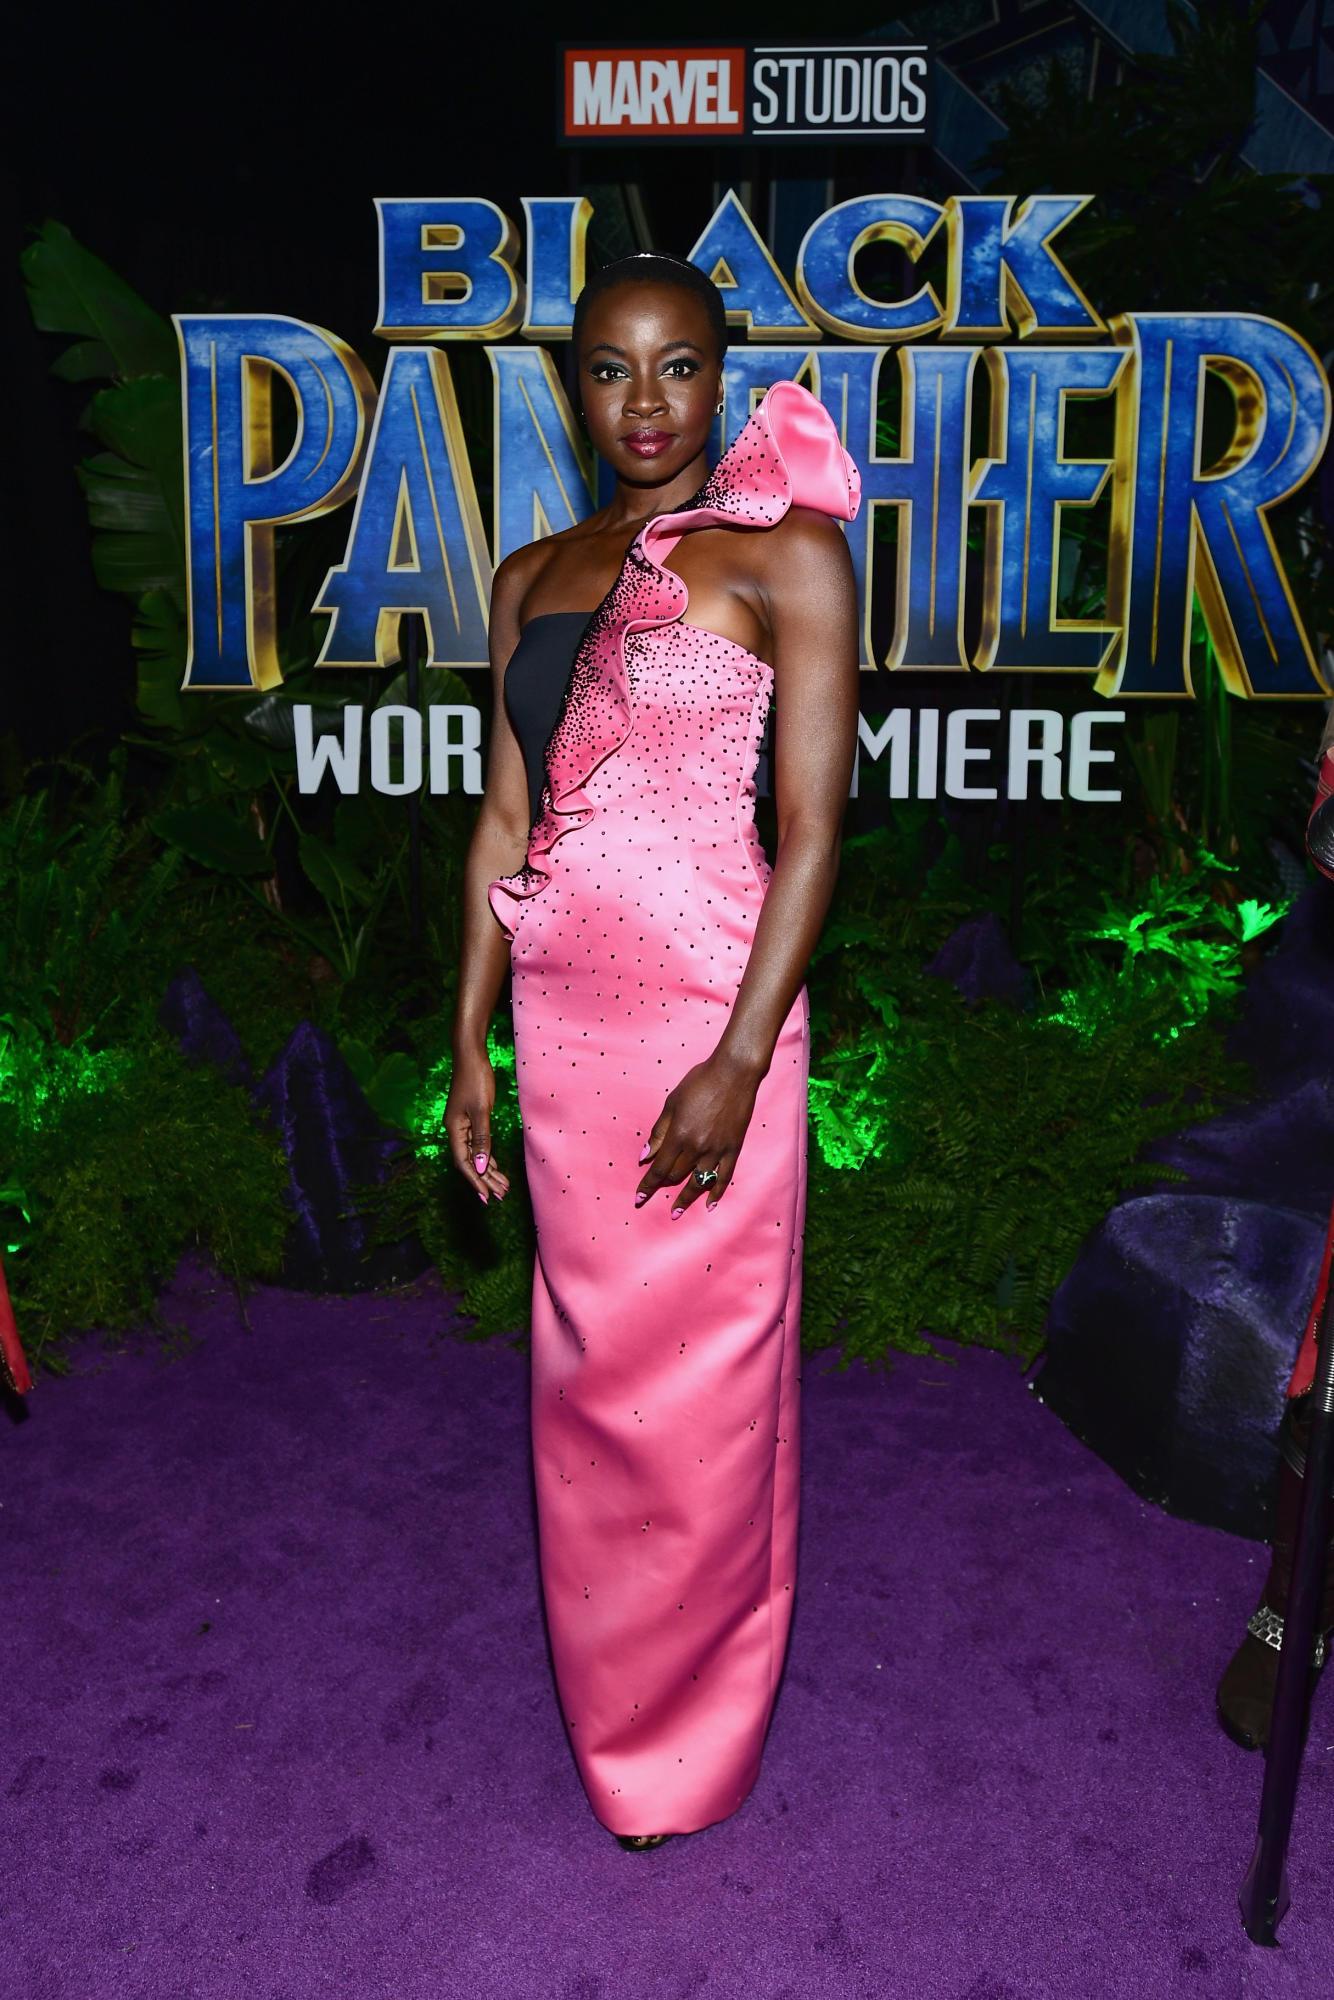 """Sao Black Panther trang phục """"quý tộc"""" tại buổi công chiếu phim 4"""